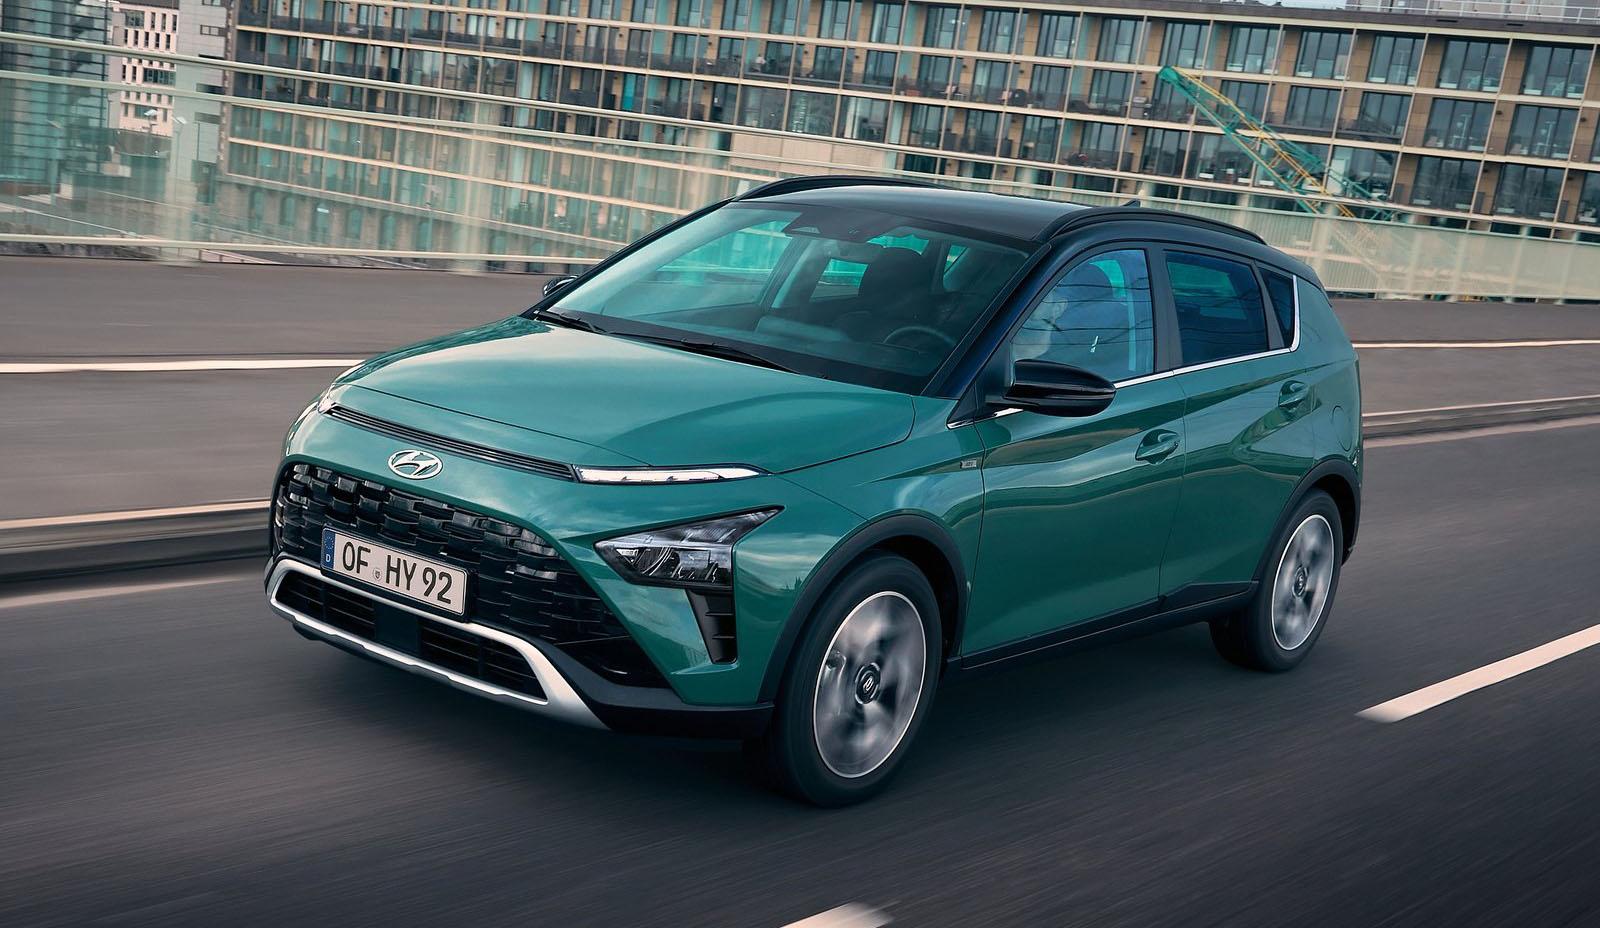 Hyundai Bayon: Με τιμή έκπληξη στην Ελλάδα το νέο μικρό SUV (video)